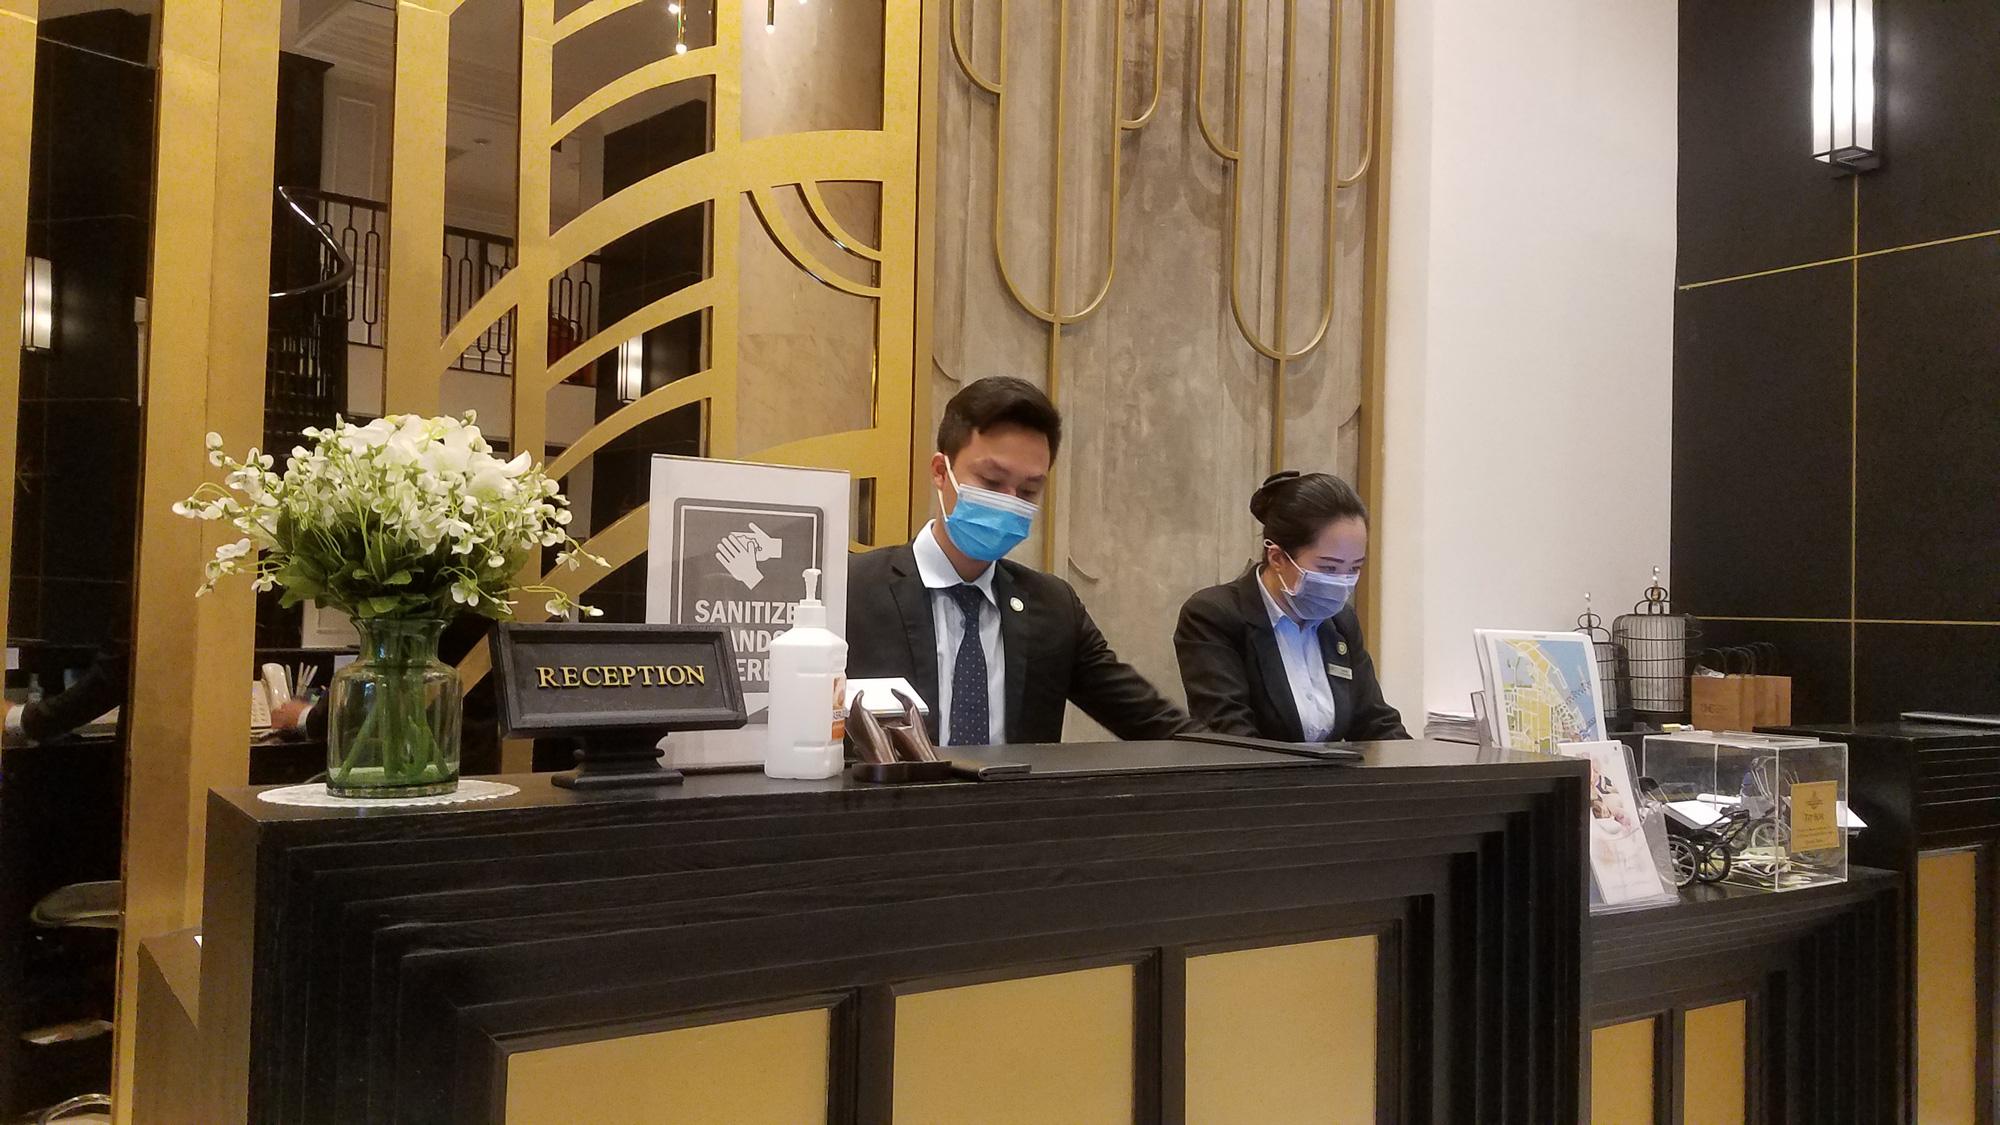 Hàng loạt khách sạn phố cổ Hà Nội đóng cửa, nhiều nơi giảm giá đến 60% để hút khách giữa mùa dịch virus corona - Ảnh 11.